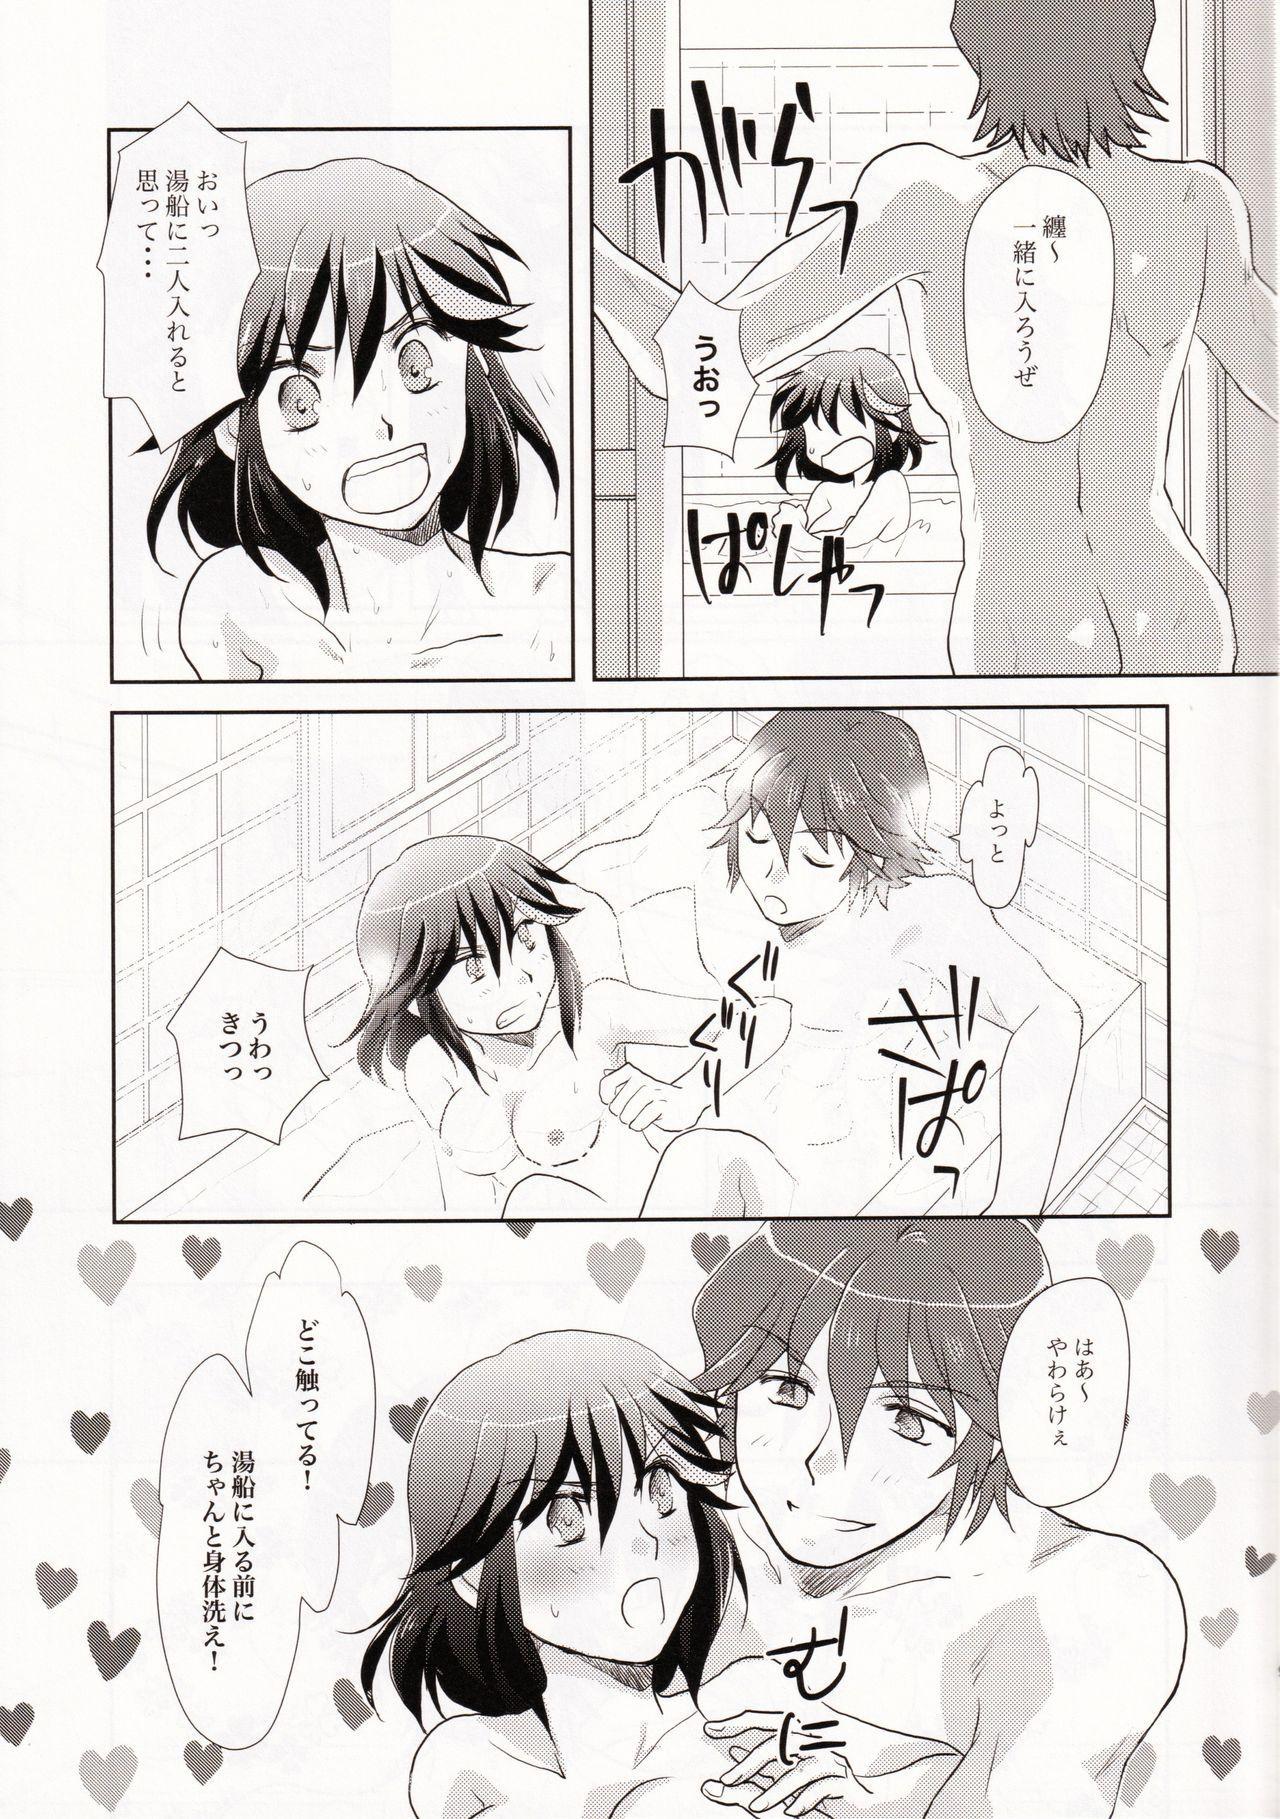 Dousei Hajimemashita 8